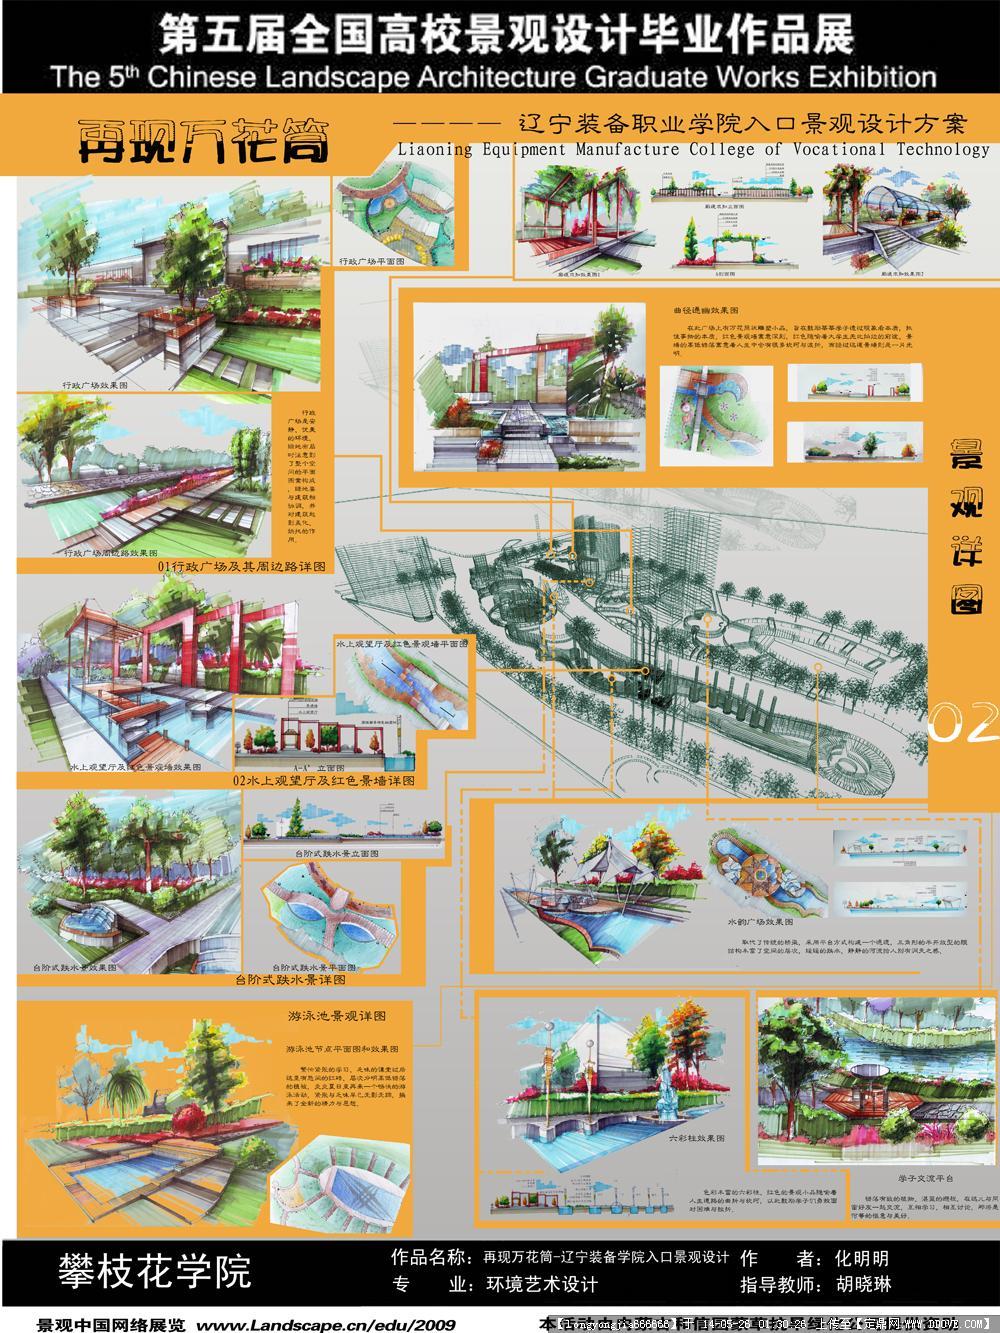 毕业设计 展板 09的图片浏览,景观